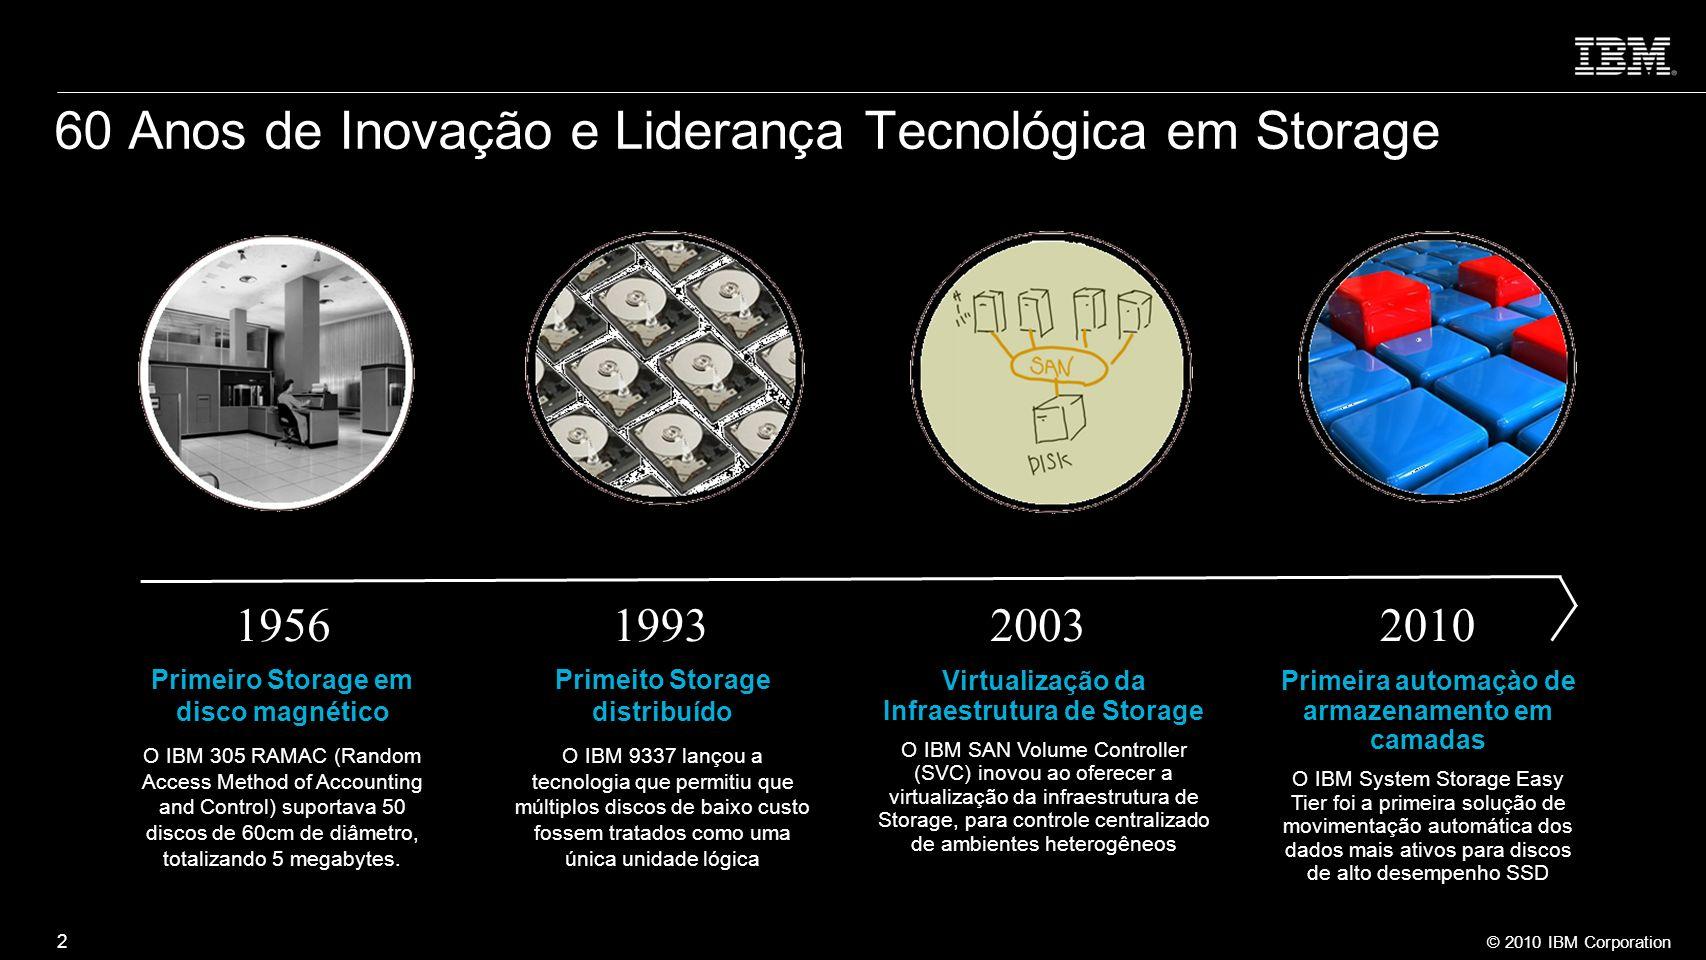 60 Anos de Inovação e Liderança Tecnológica em Storage